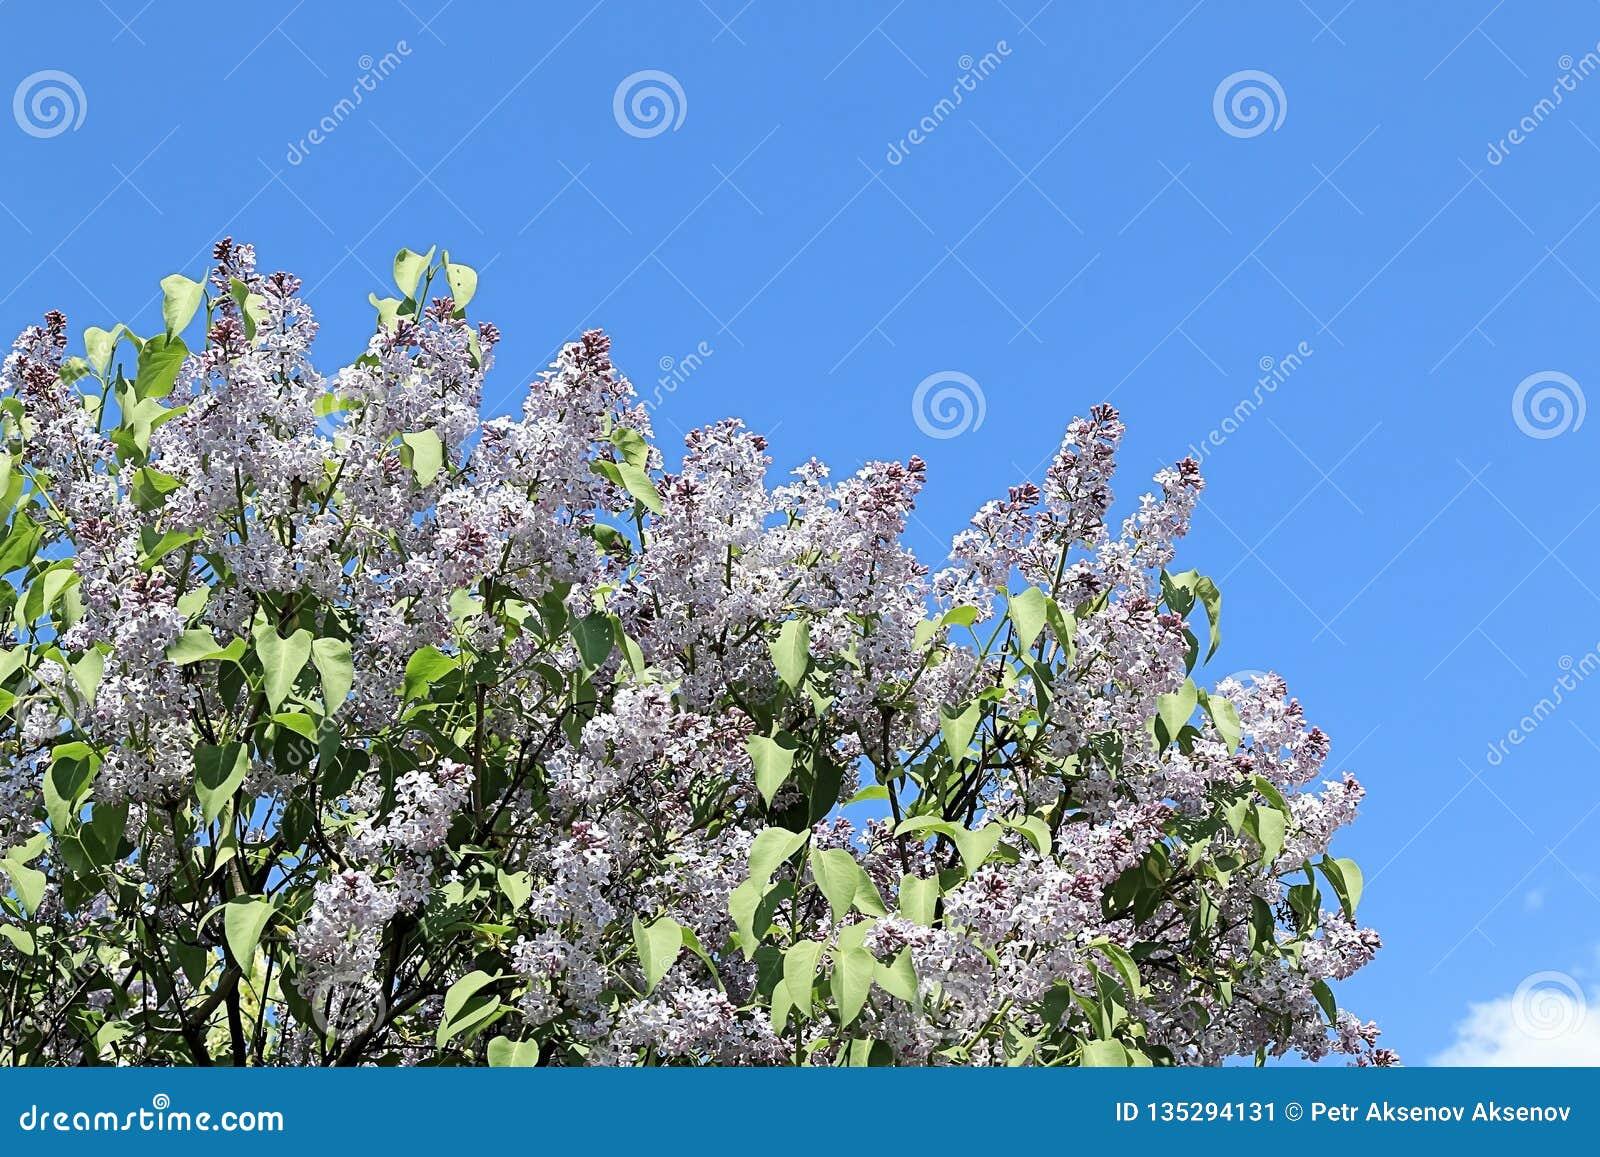 Lila amistosa, hermosa y alegre de la primavera que se esfuerza por un futuro más brillante